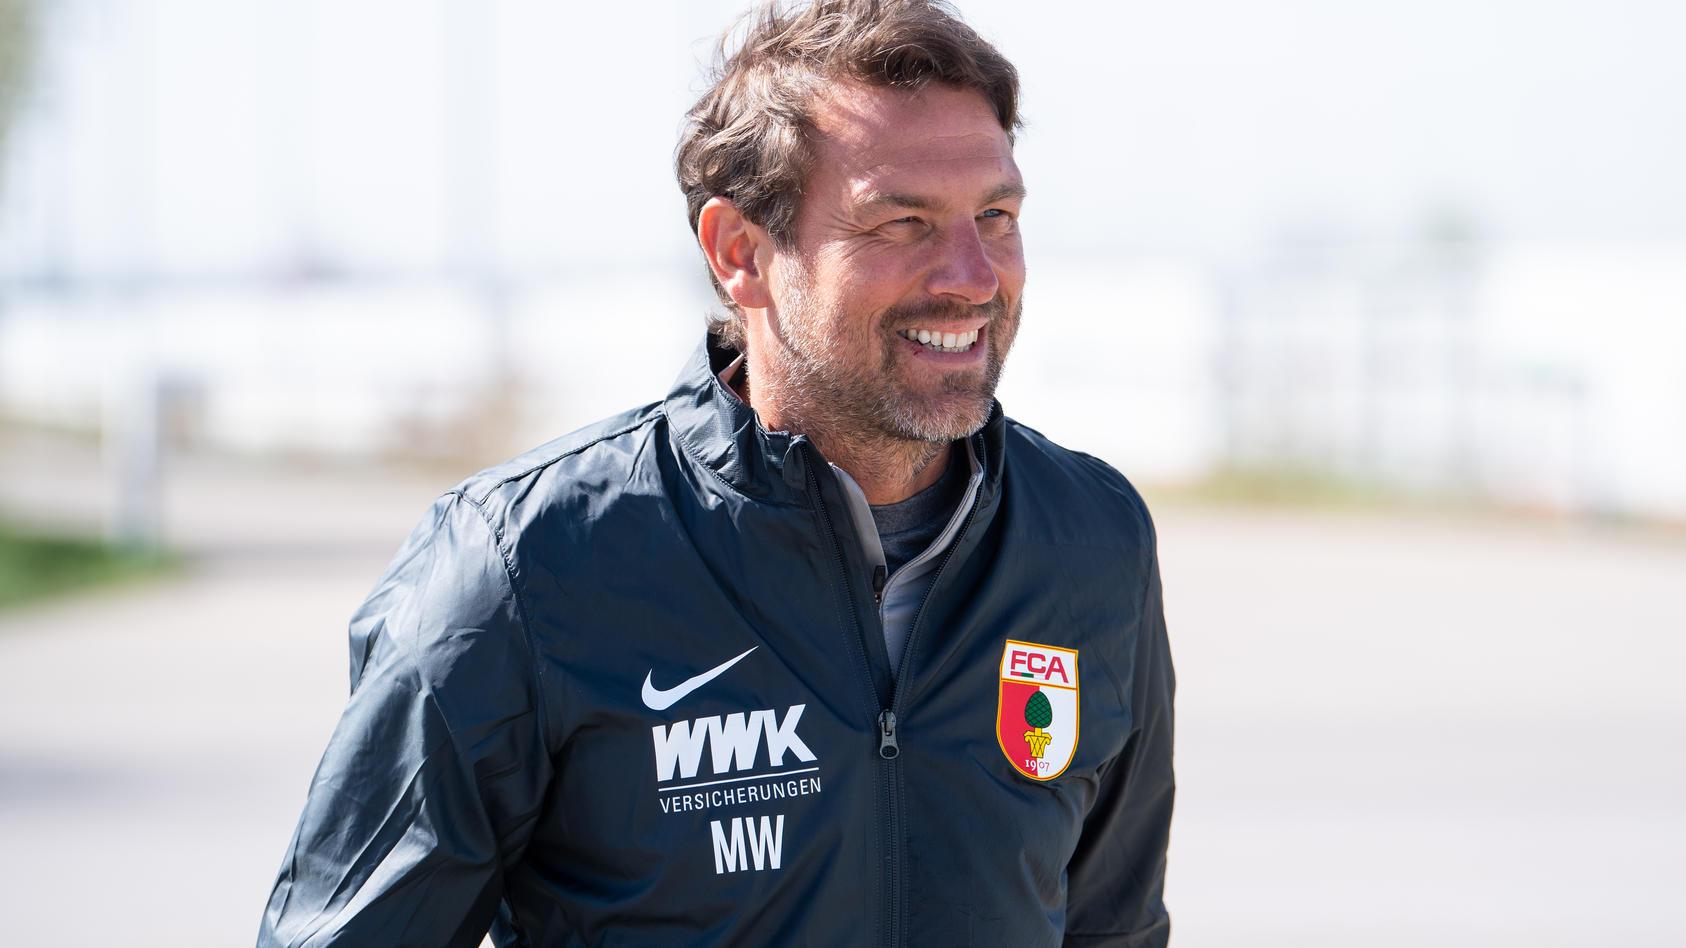 Die Bundesliga hat Markus Weinzierl wieder - und umgekehrt